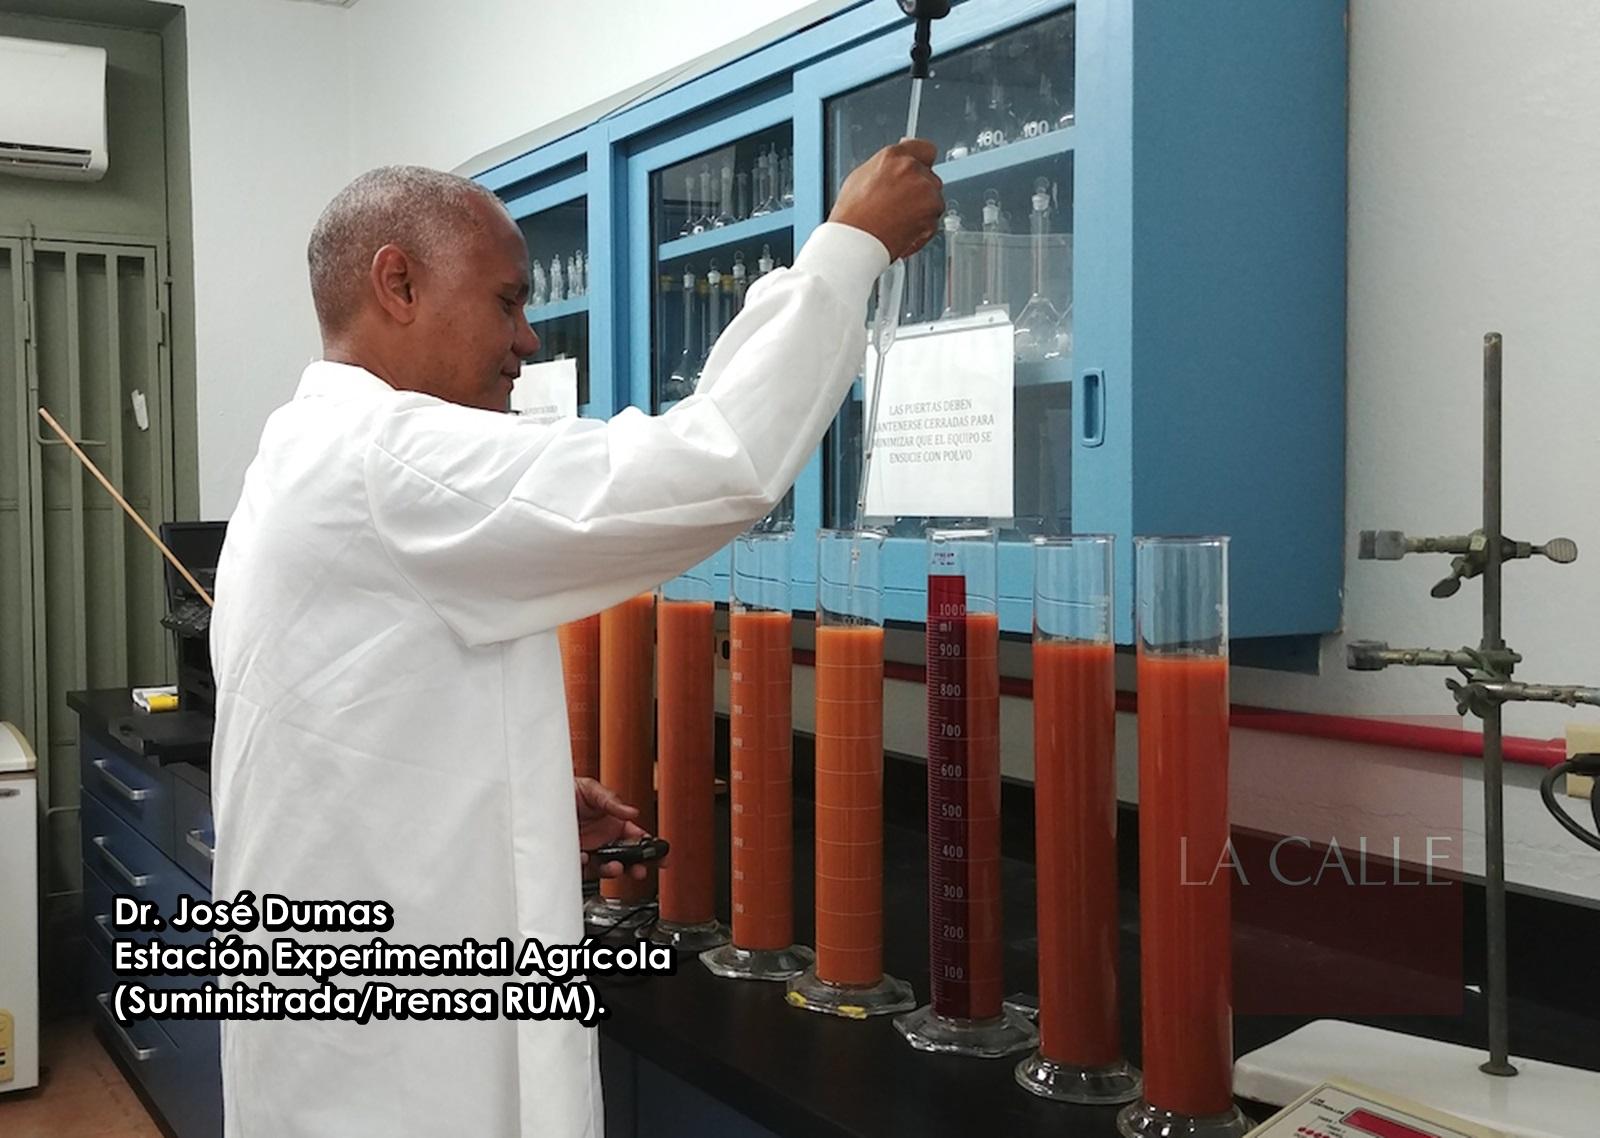 Dr Jose Dumas wm